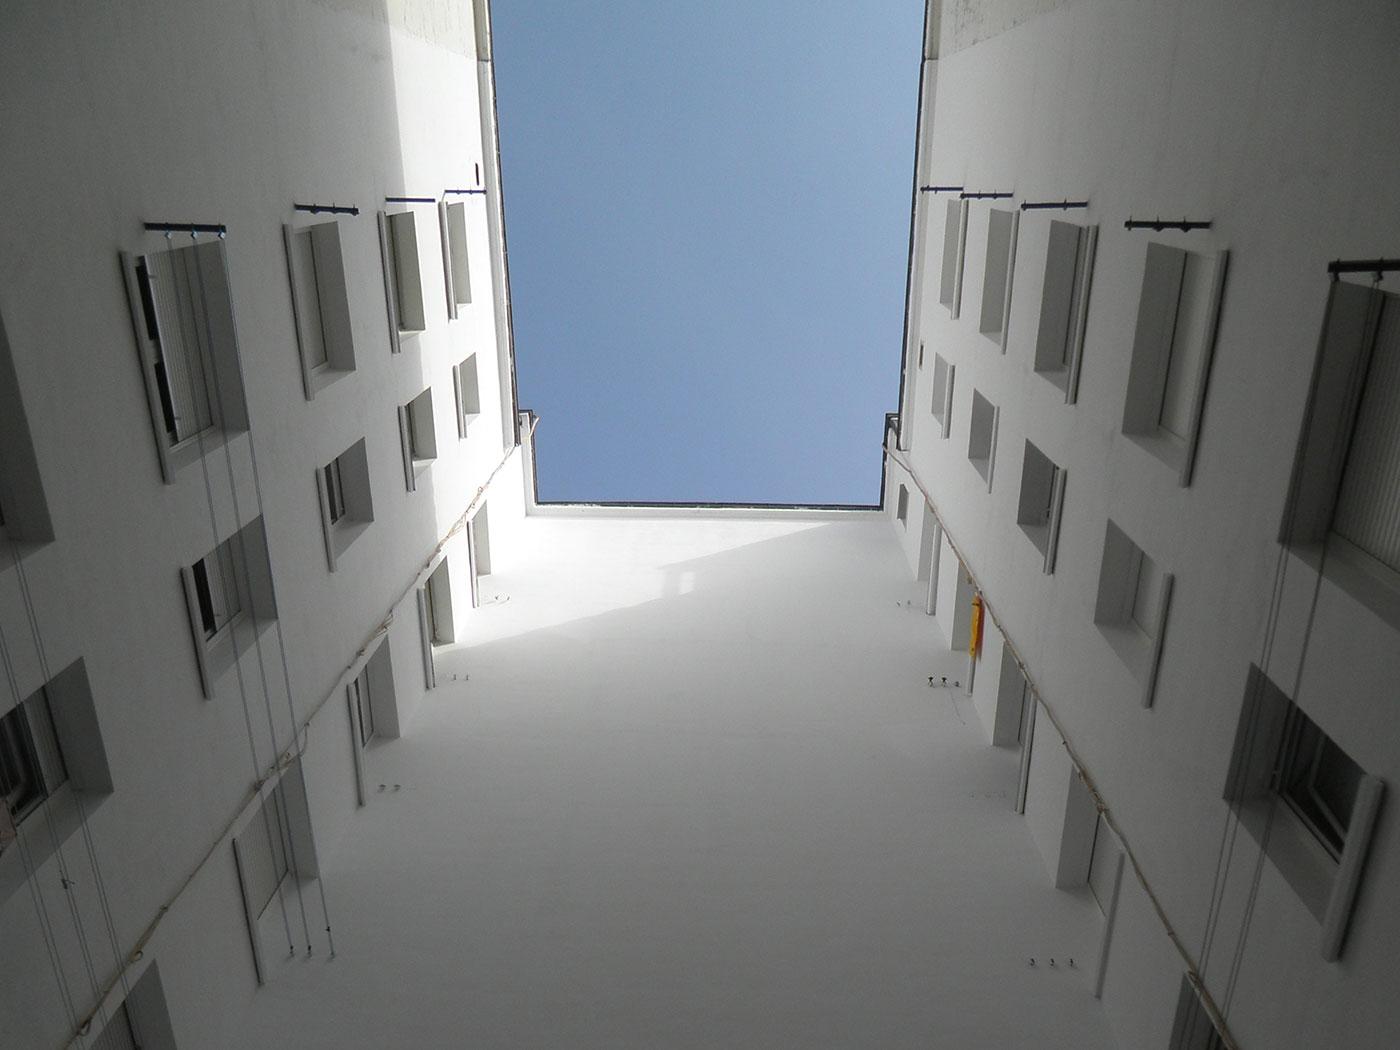 Reforma patio interior edificio vitoria despues